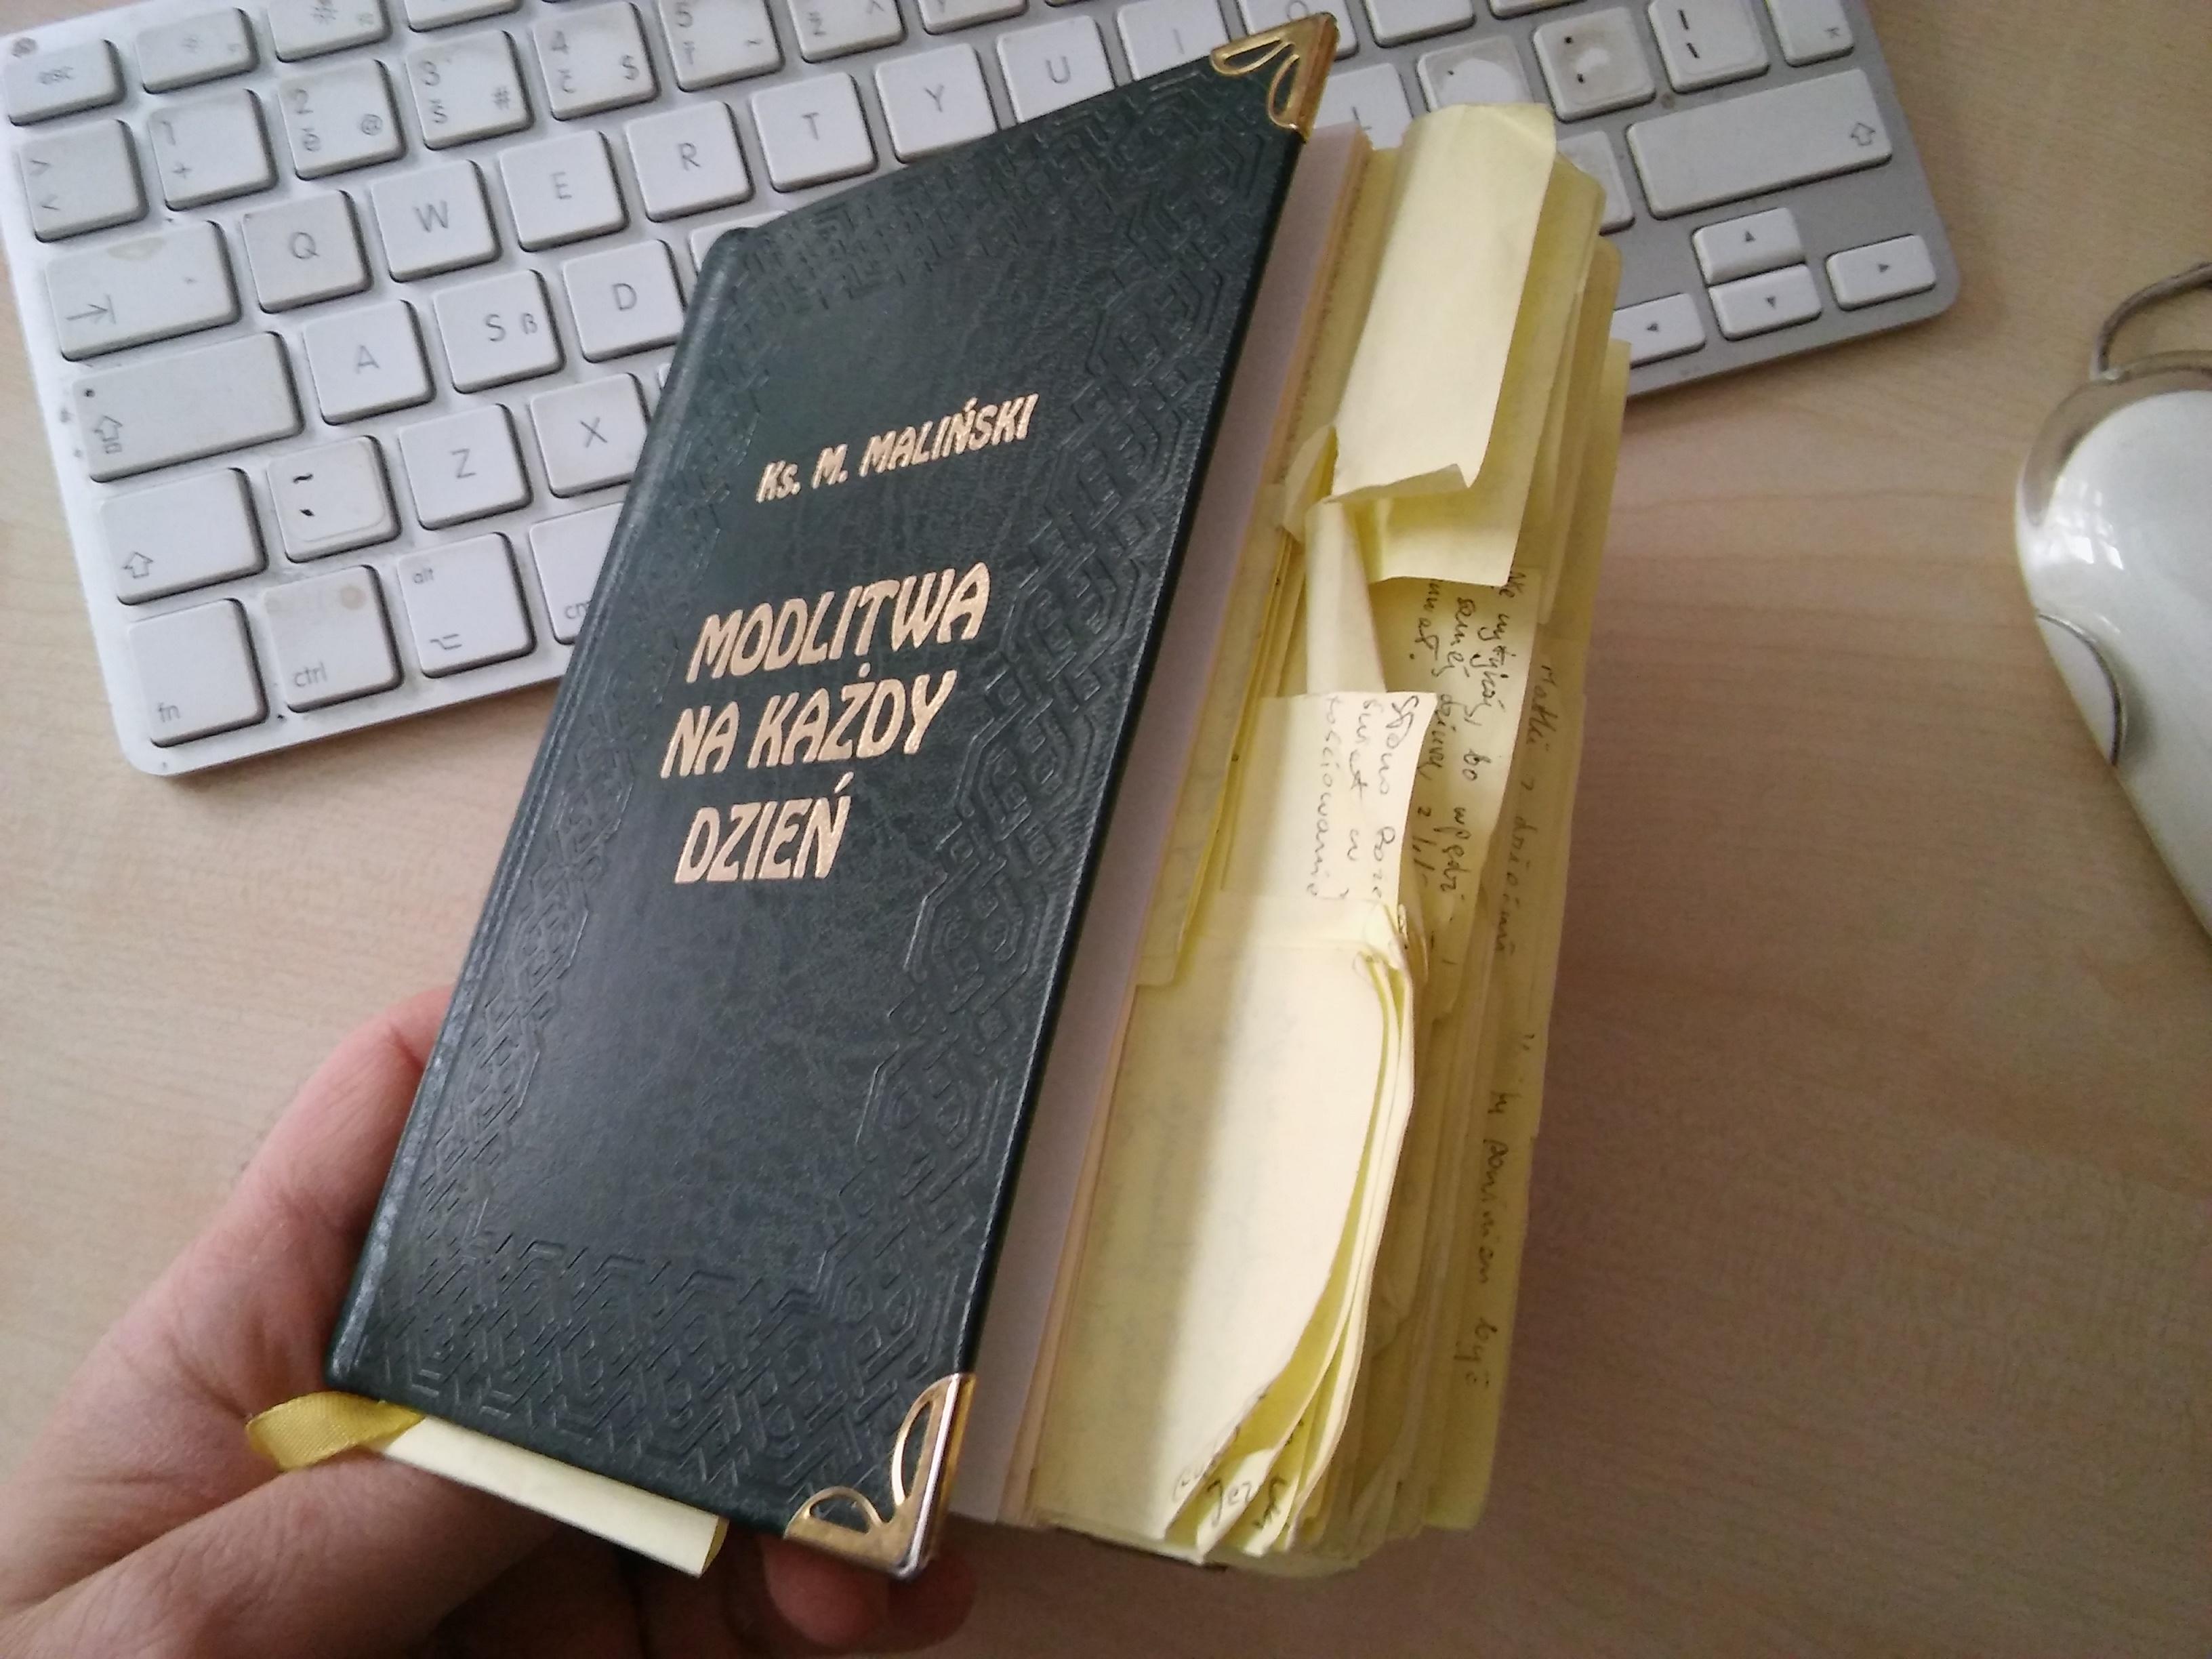 Jedna z książek ks. Malińskiego, którą wykorzystałem w pisaniu pracy magisterskiej. Te fiszki mają już 14 lat.